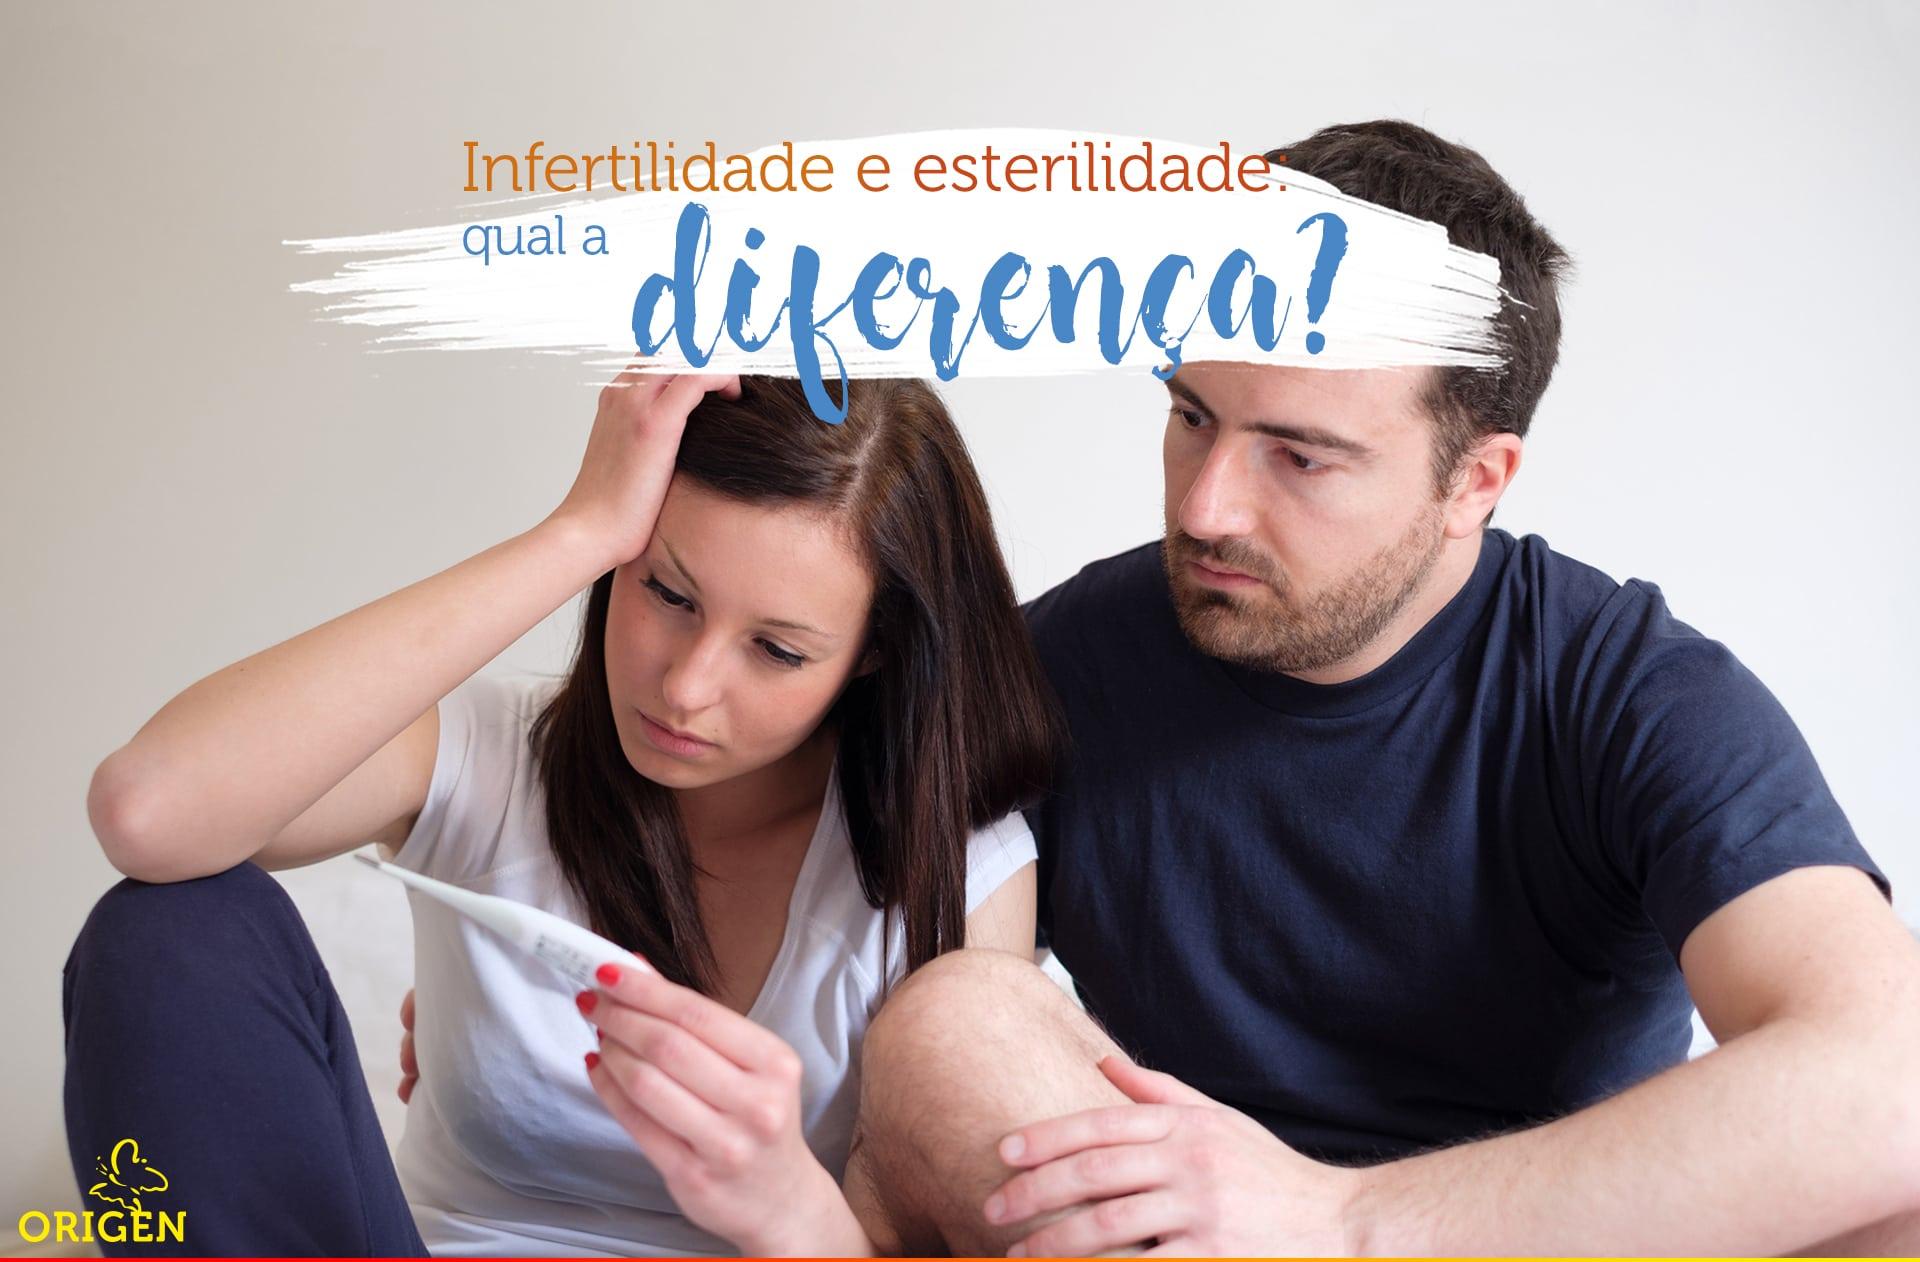 Infertilidade e esterilidade: qual a diferença?